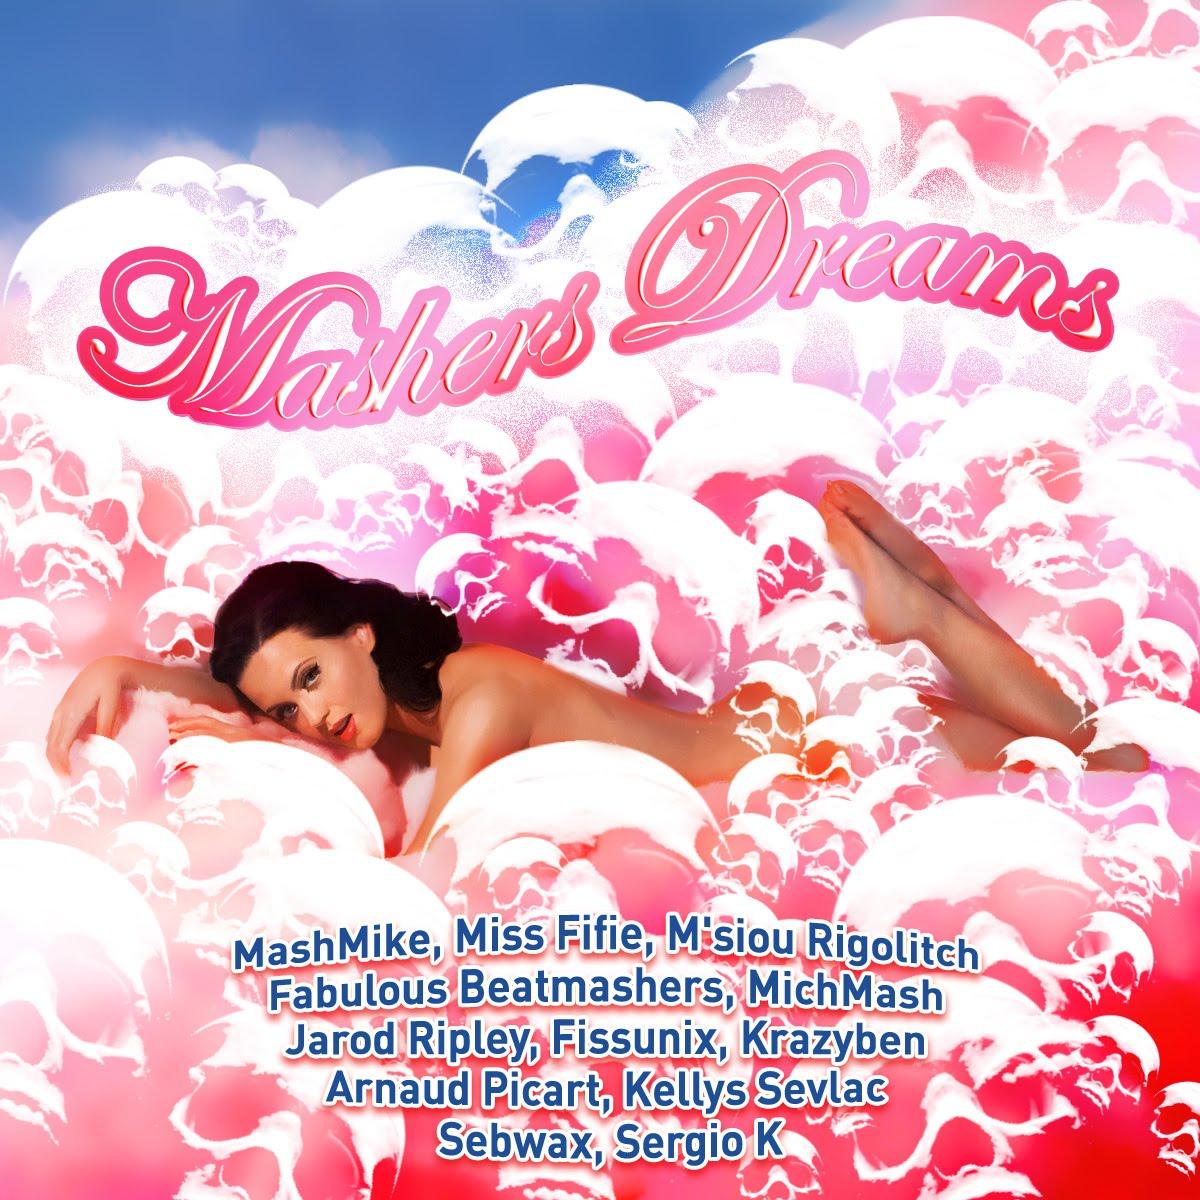 http://4.bp.blogspot.com/_65uLYMwQ9YU/TQx1wKUlgwI/AAAAAAAABDY/vK7VkzNKq4A/s1600/mashers_dreams.jpg